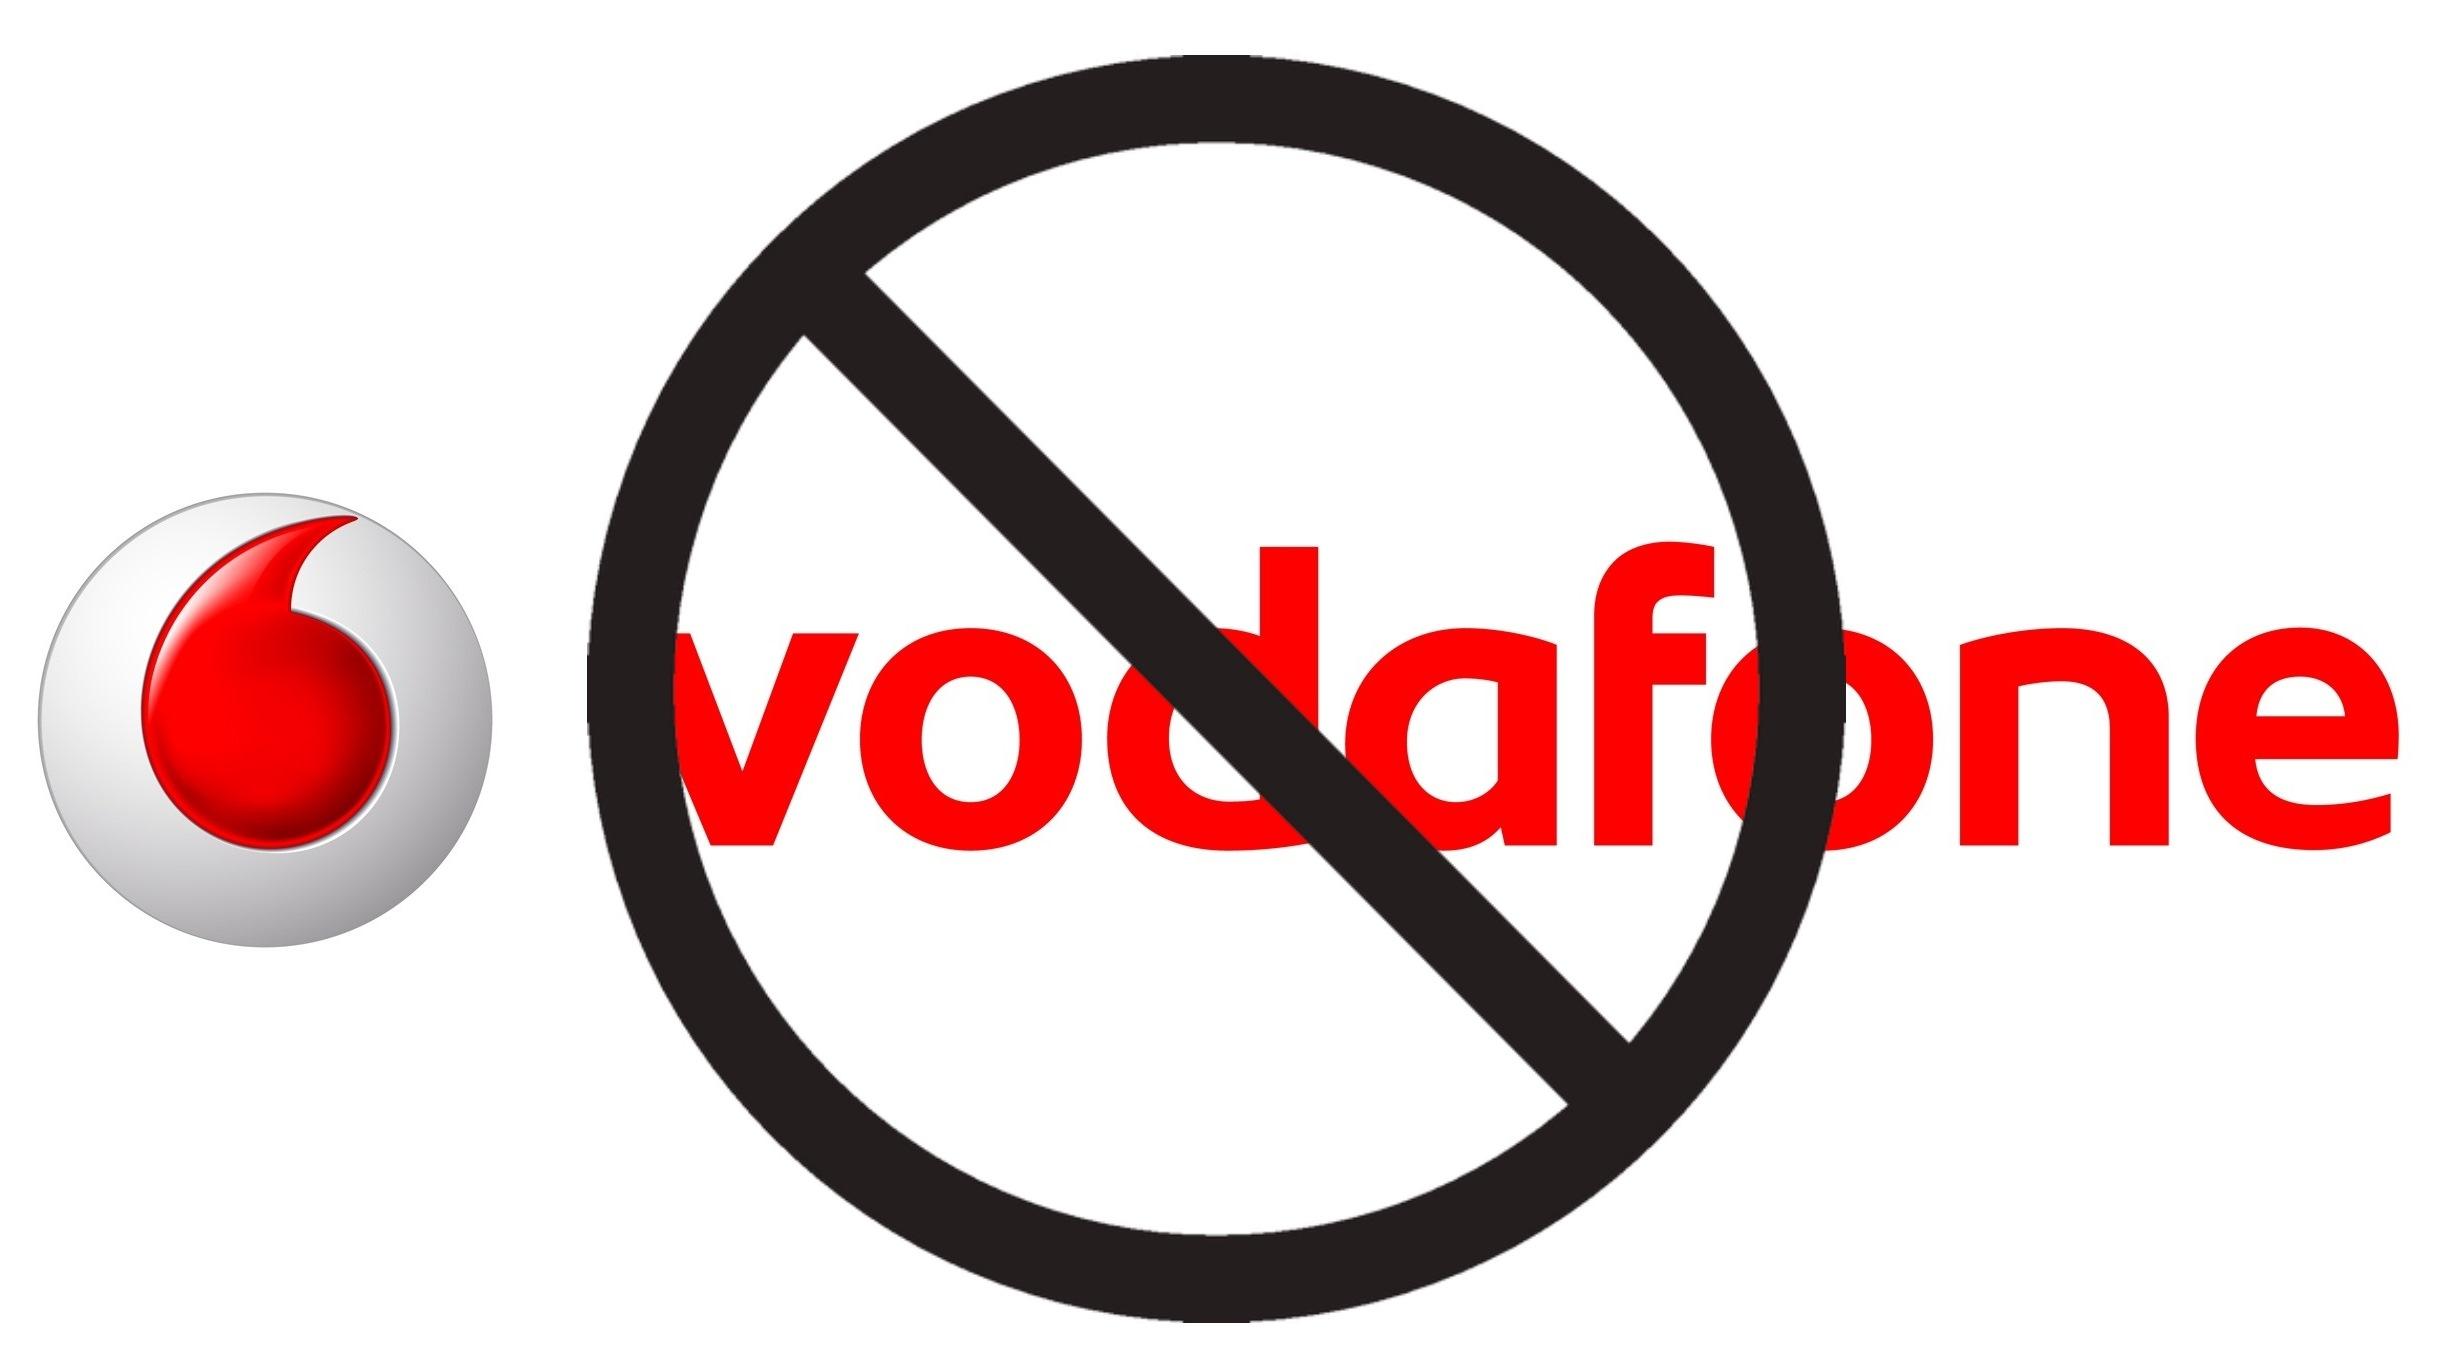 В двух городах неподконтрольной Луганщины отключили связь Vodafone. Названа причина